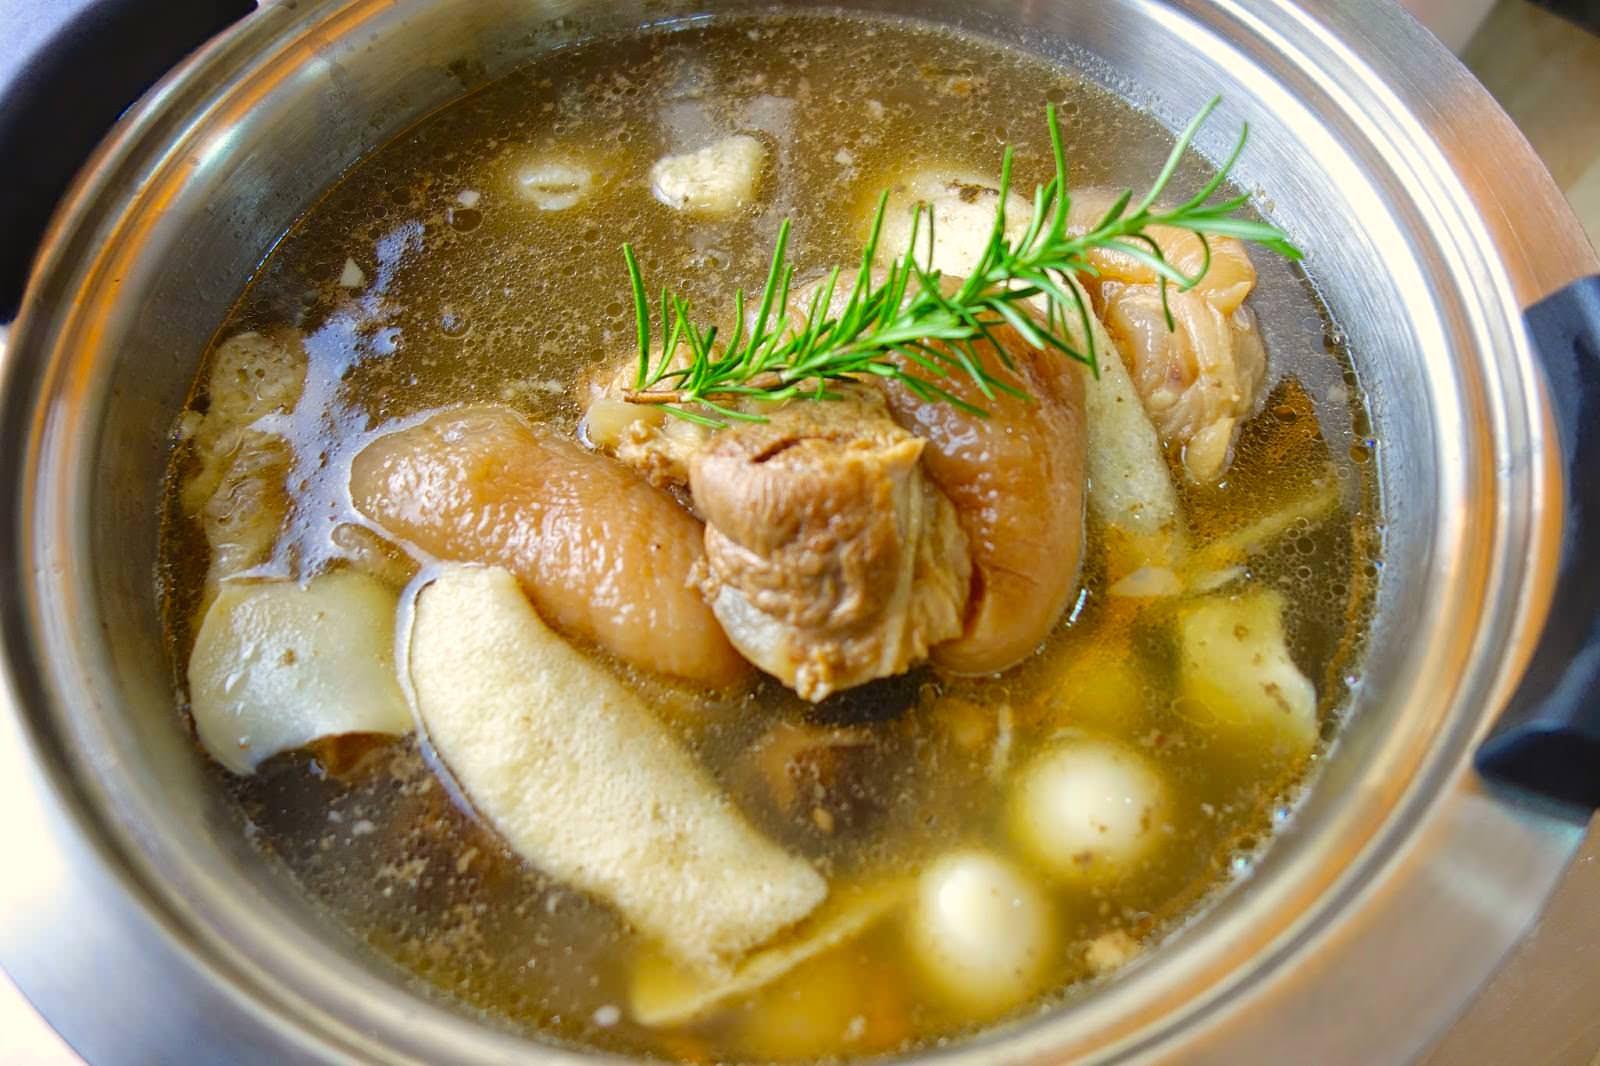 「快鍋簡單做-古早味清燉豬腳」只要掌握幾個訣竅,不會煮飯也能上手!